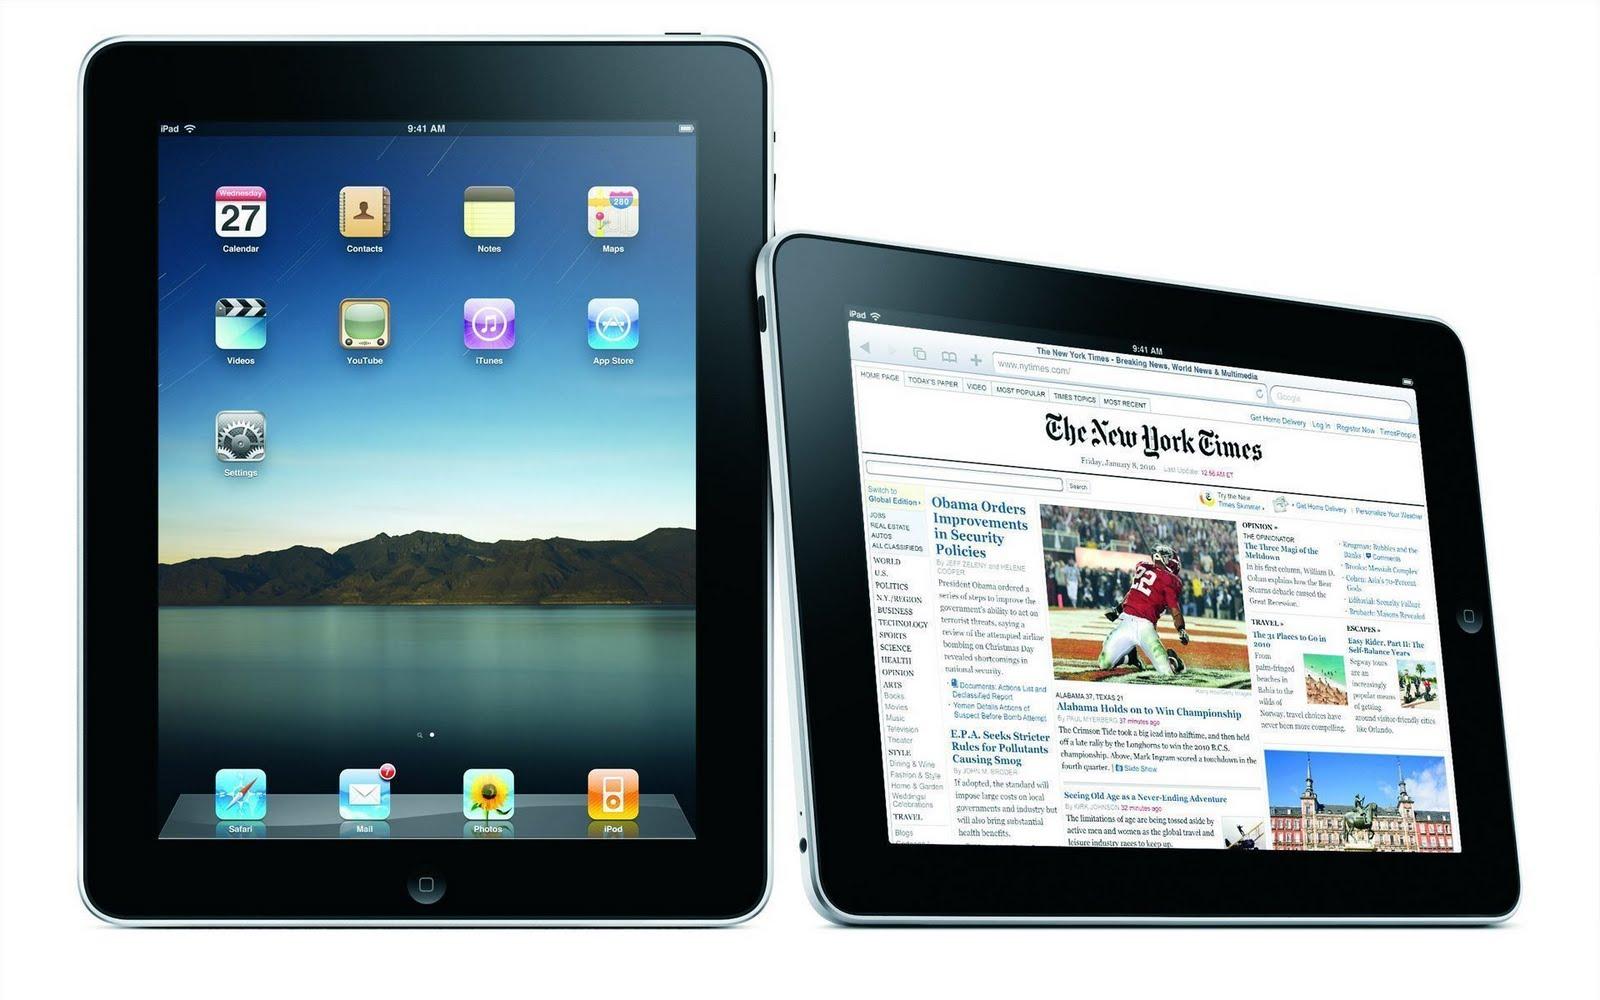 http://3.bp.blogspot.com/-4d9dmBWTauU/TgKJc61JekI/AAAAAAAAA_o/NNUkaQwHuvc/s1600/ipad-tablet_1920x1200_191-wide.jpg